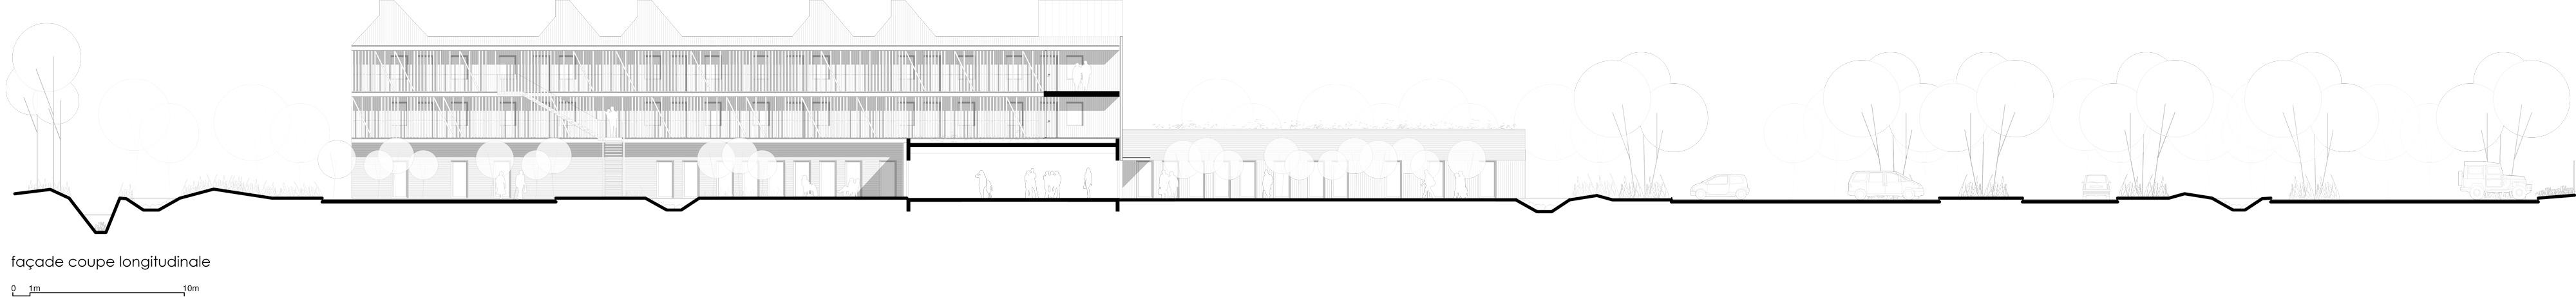 facade-cpe-longitudinale_auxi